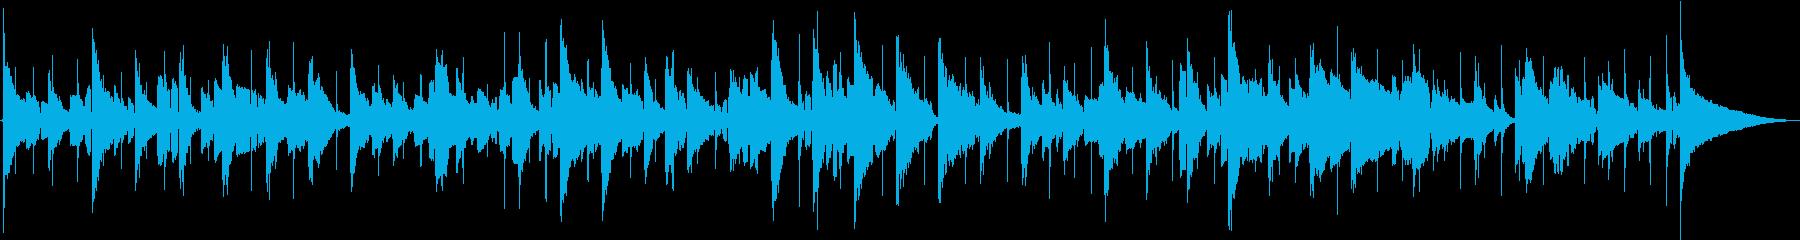 ジャズワルツでサックスメインの曲です。の再生済みの波形